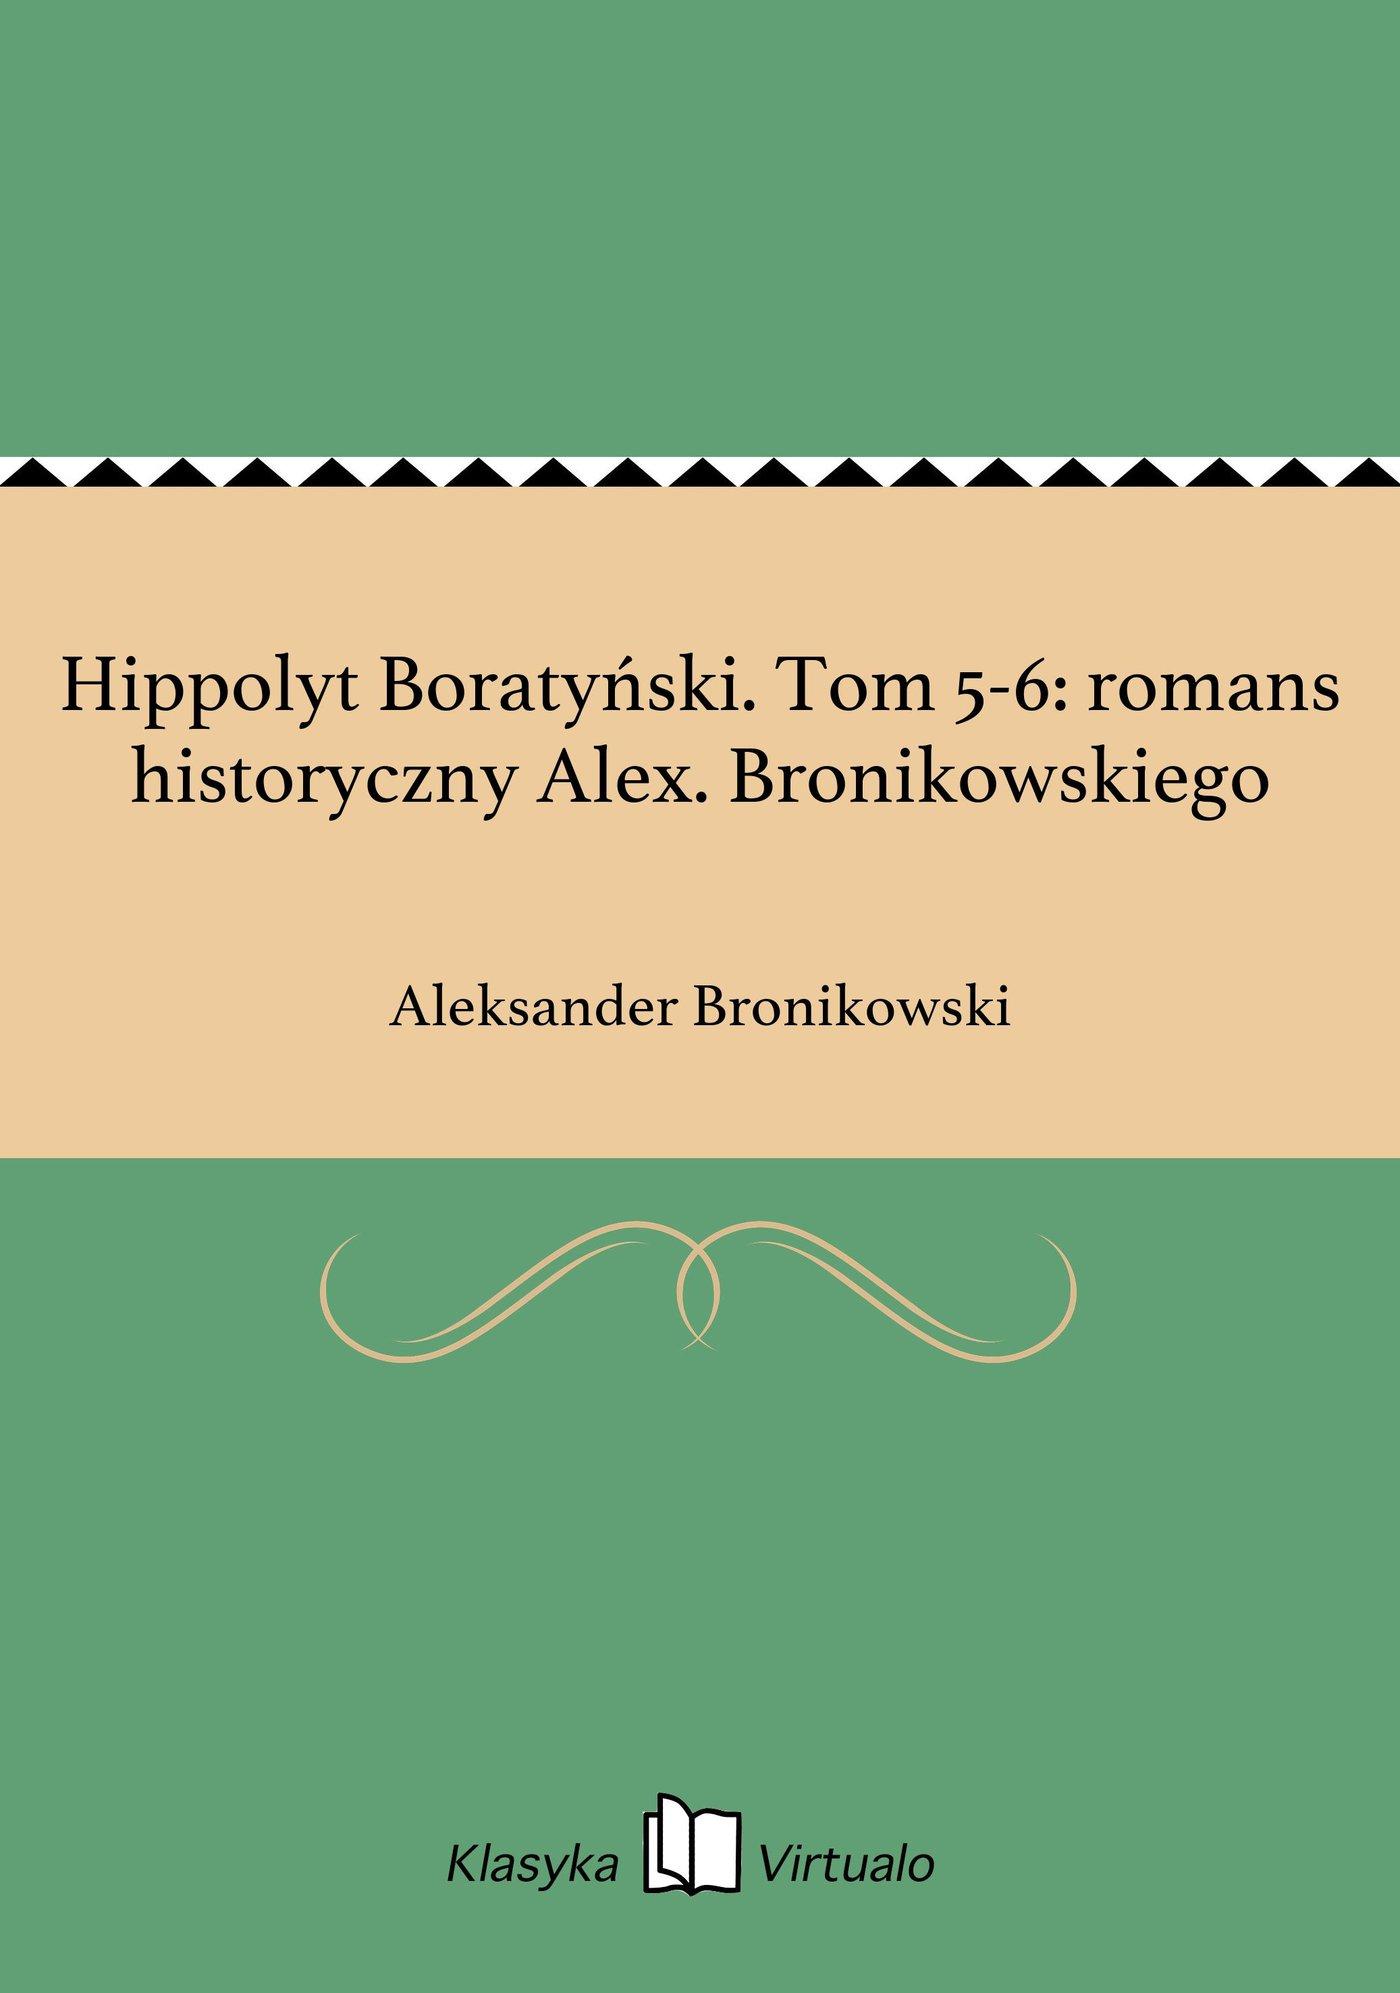 Hippolyt Boratyński. Tom 5-6: romans historyczny Alex. Bronikowskiego - Ebook (Książka EPUB) do pobrania w formacie EPUB